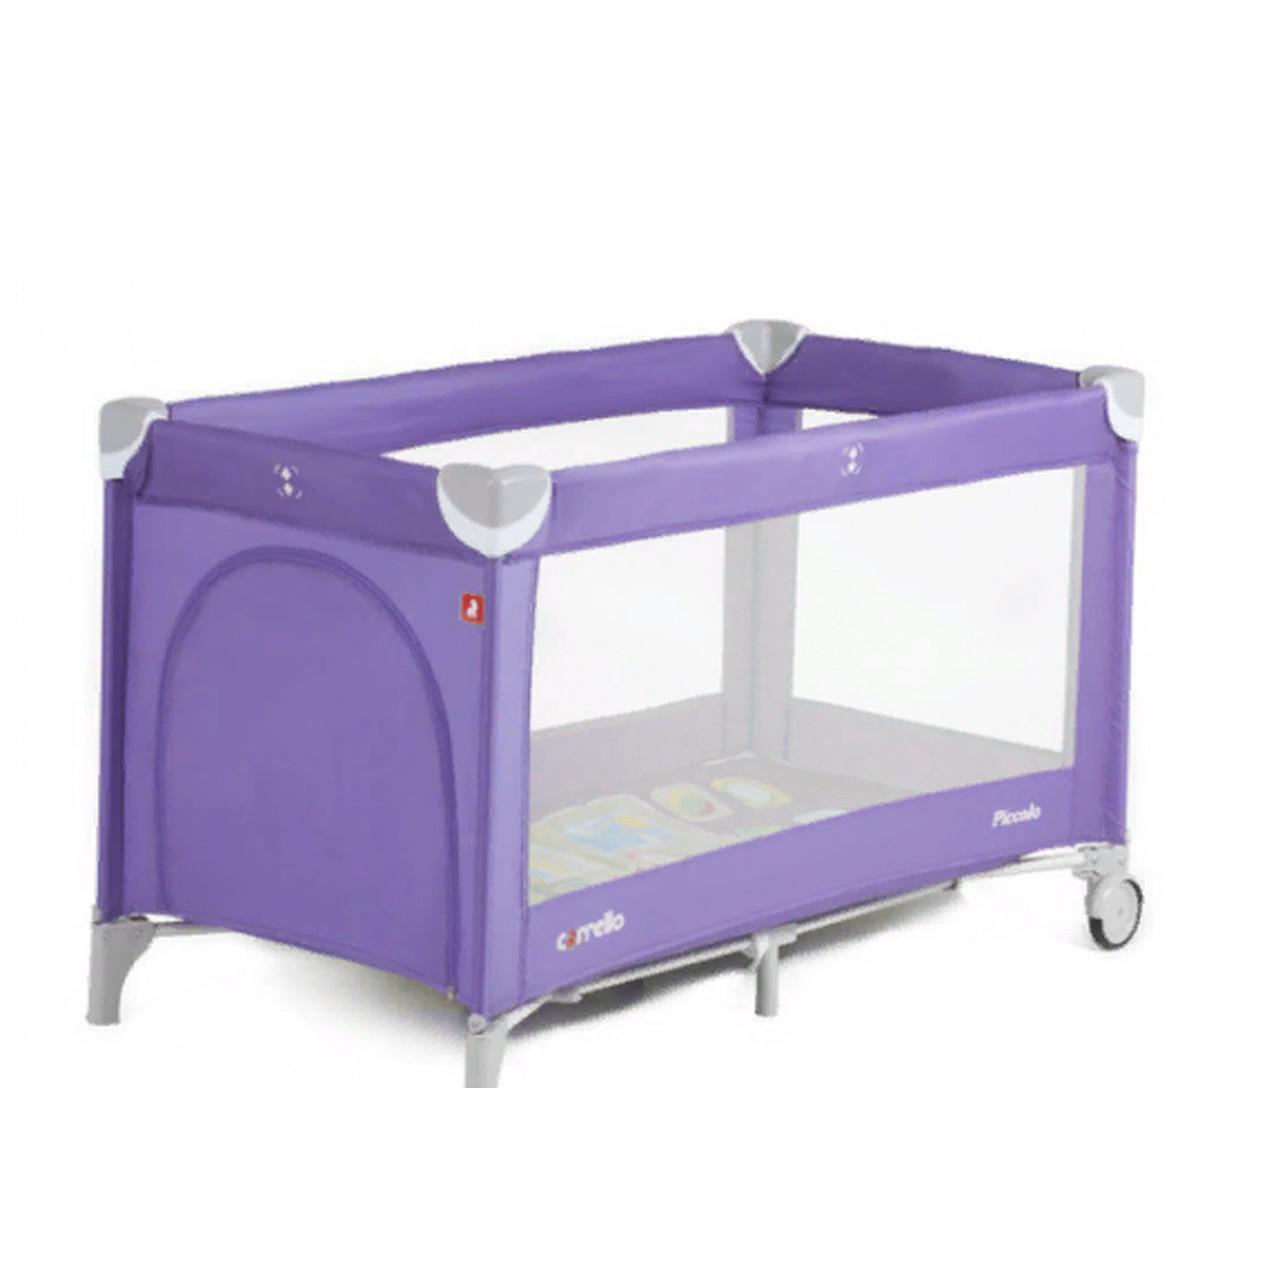 Манеж Carrello Piccolo CRL-9203 Spring Purple